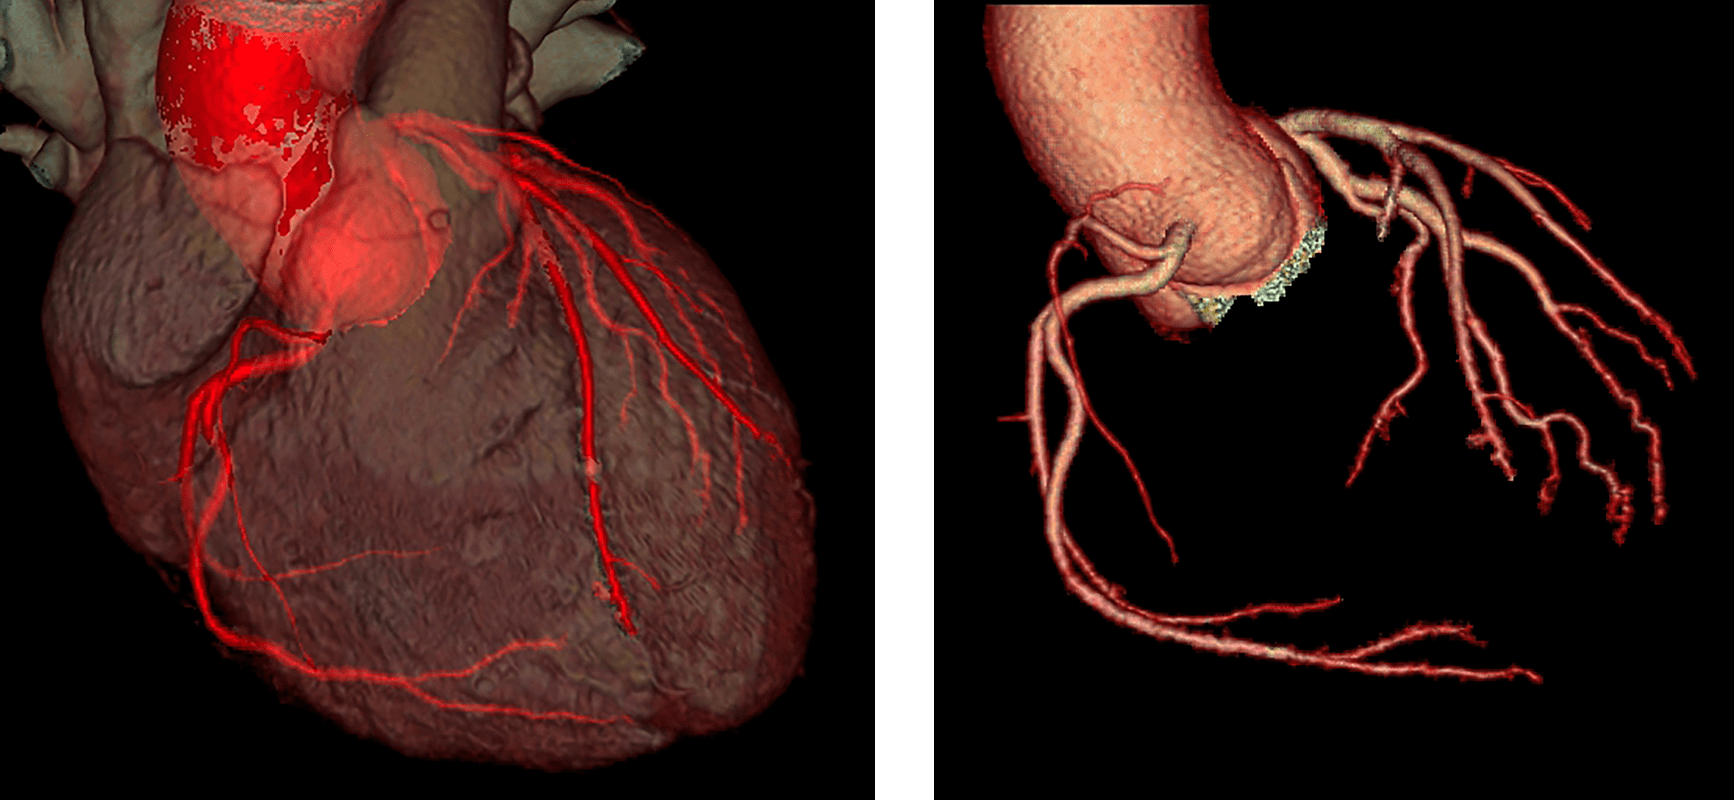 kardiologikes eksetaseis epembaseis 1